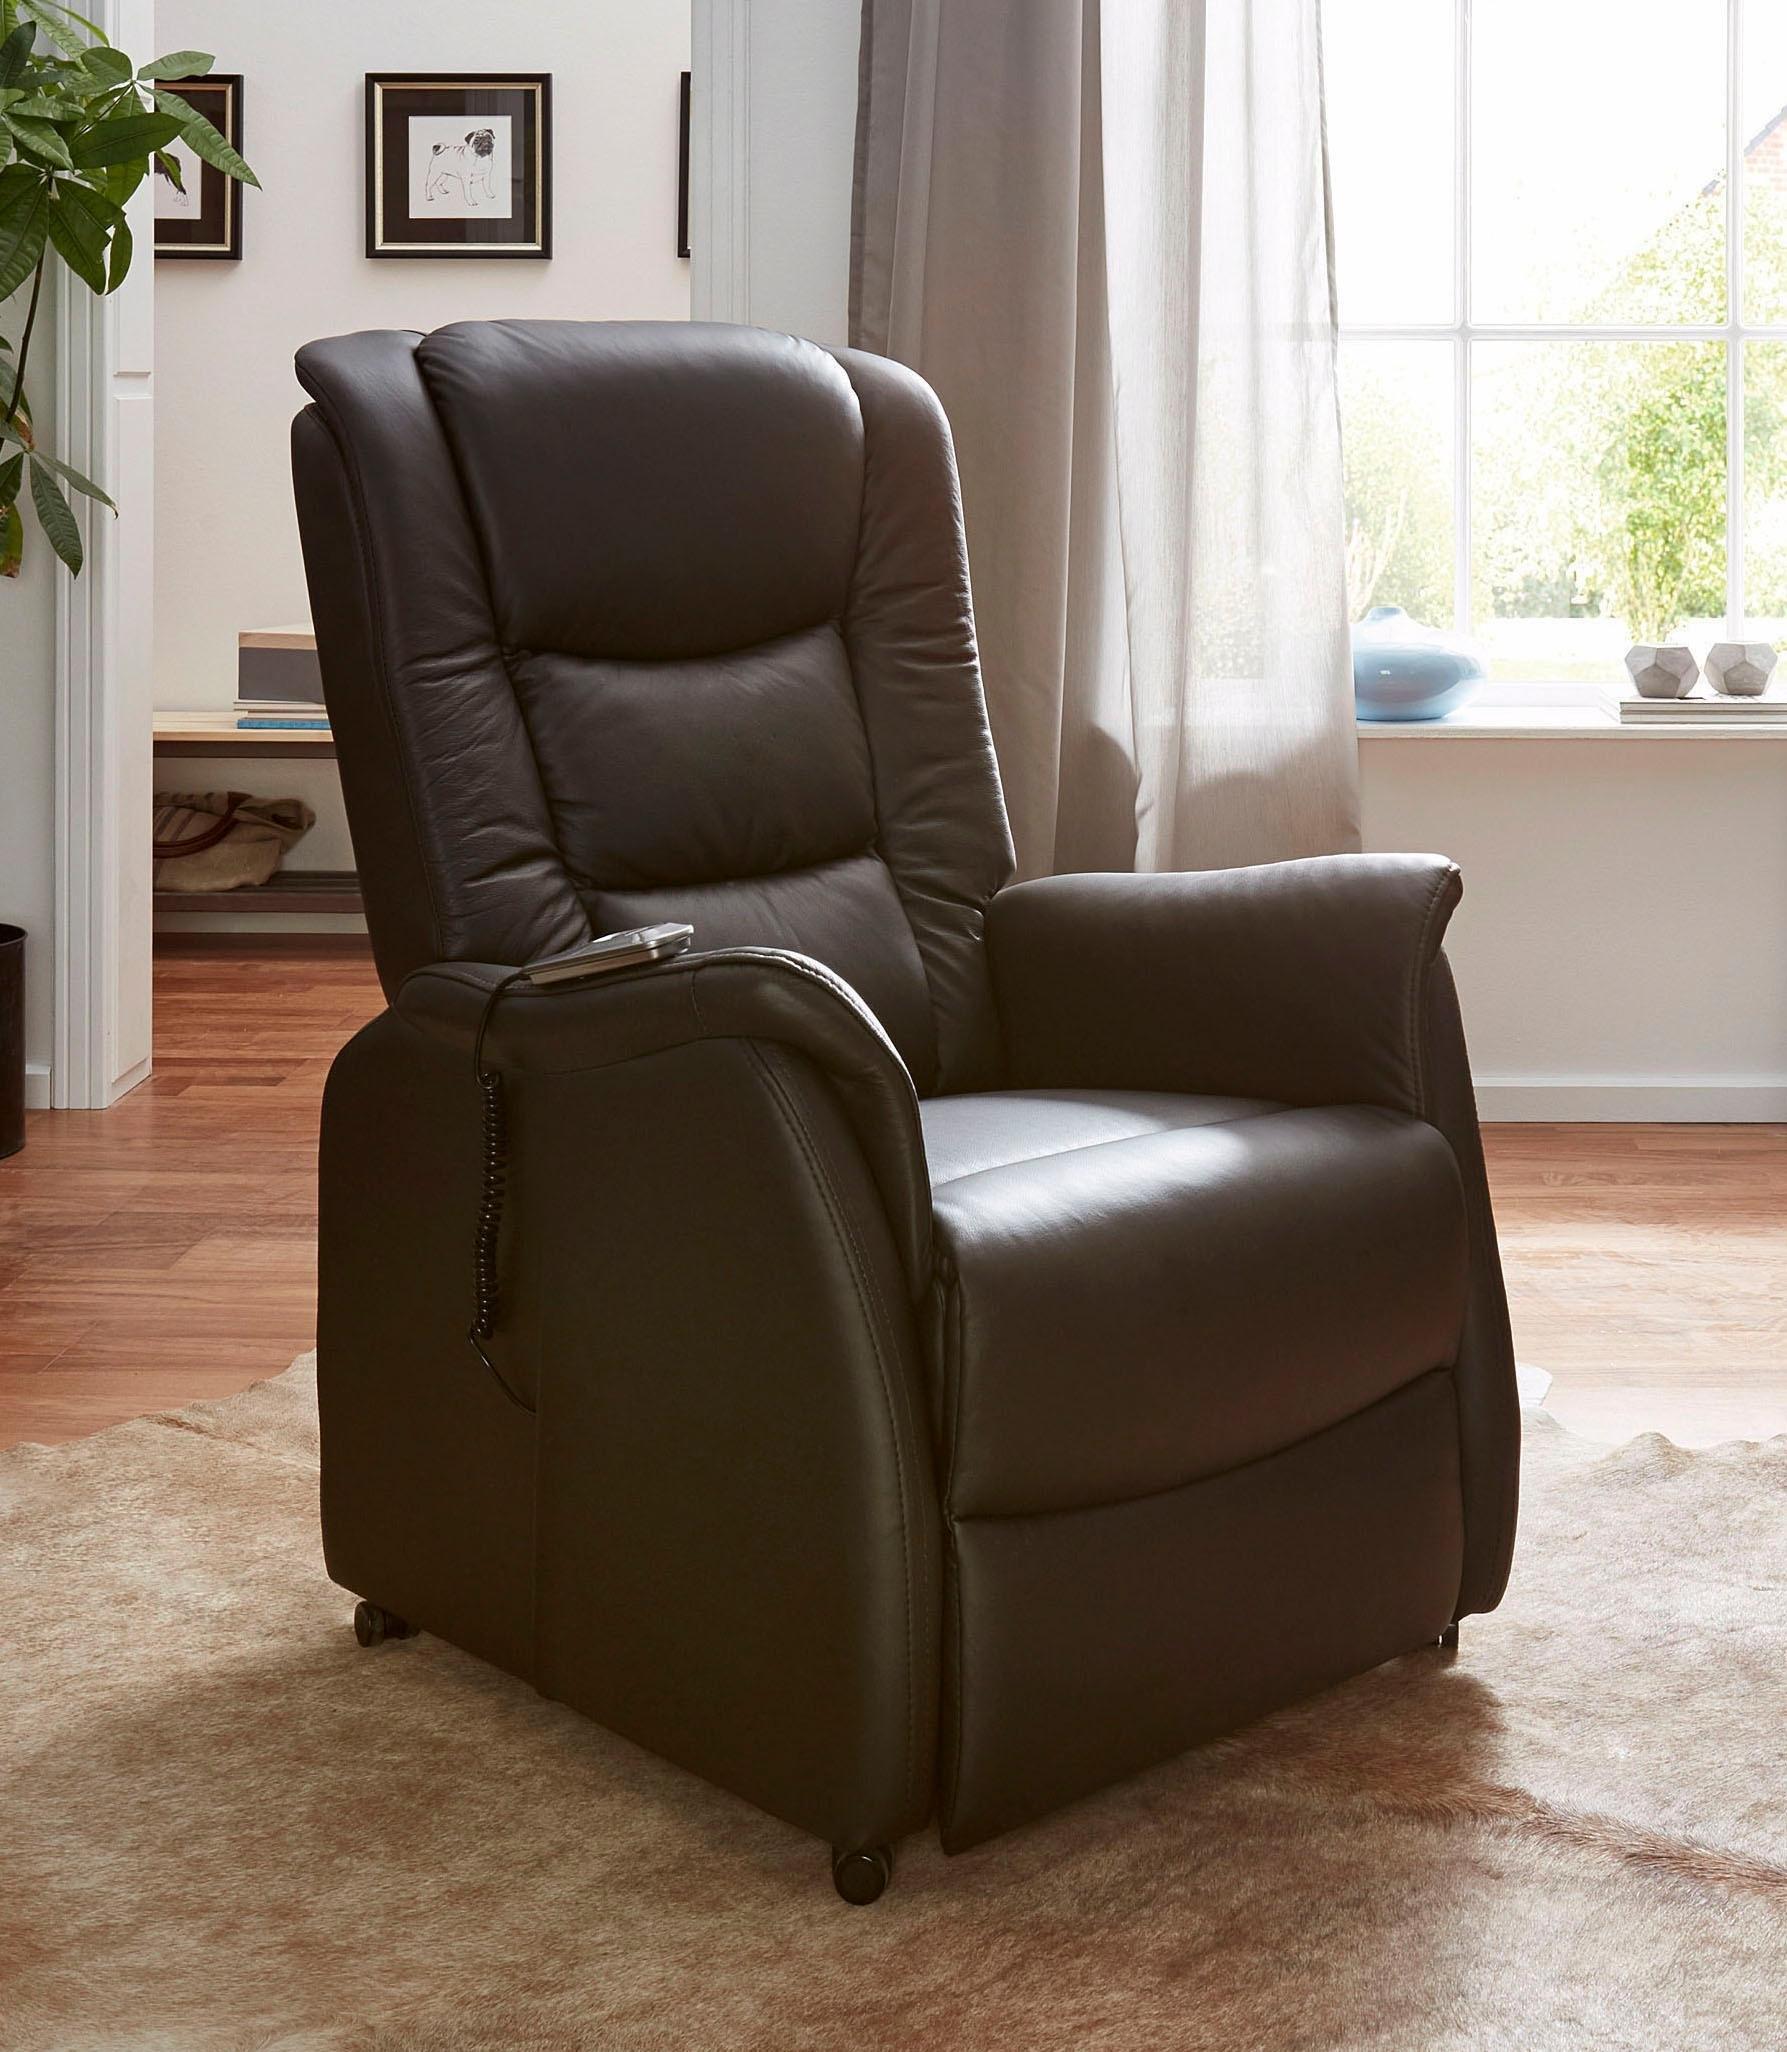 Duo Collection relaxfauteuil van natuurlijk leer in de webshop van OTTO kopen